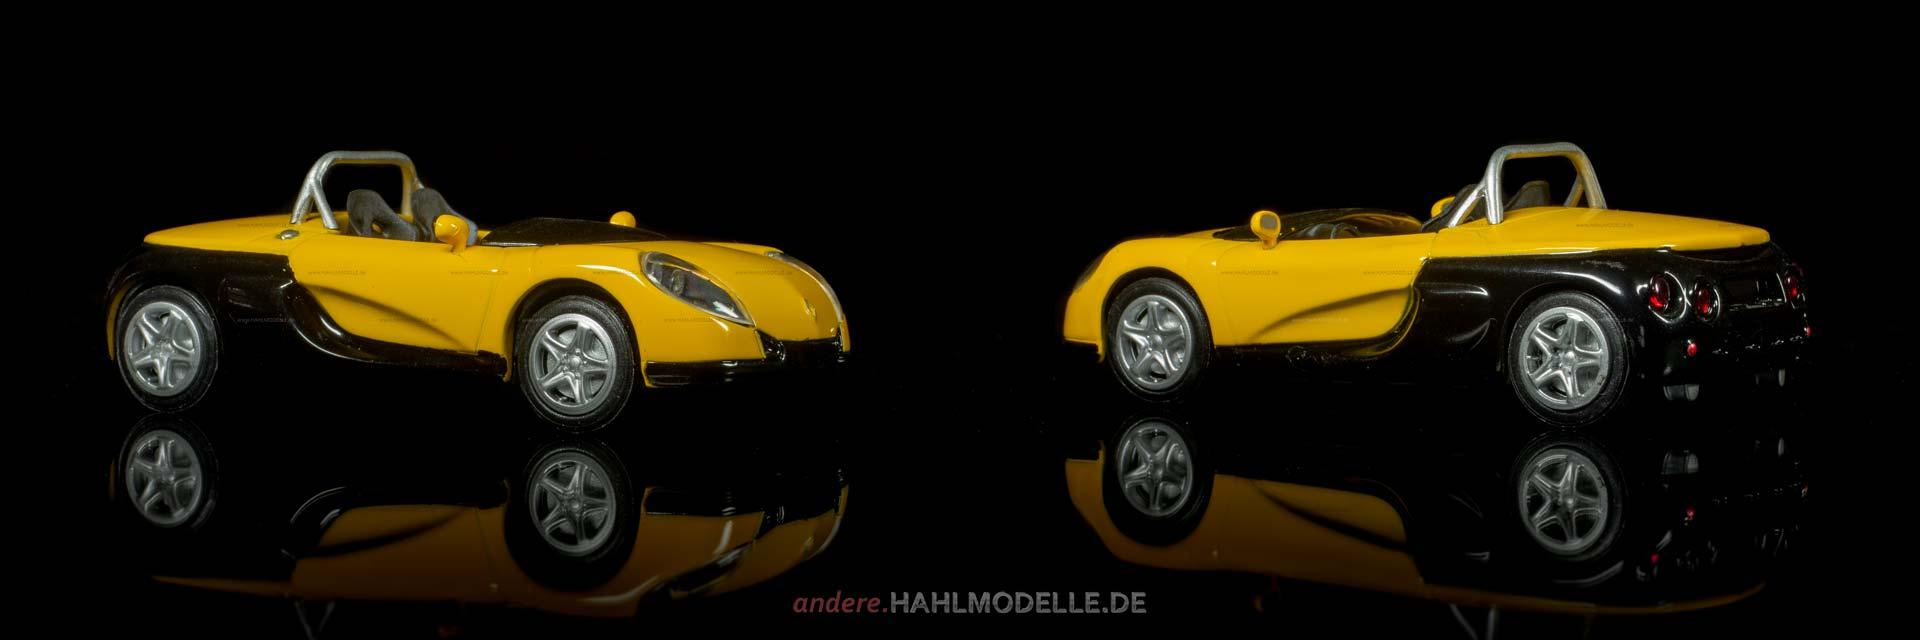 Renault Sport Spider | Roadster | Ixo | 1:43 | www.andere.hahlmodelle.de